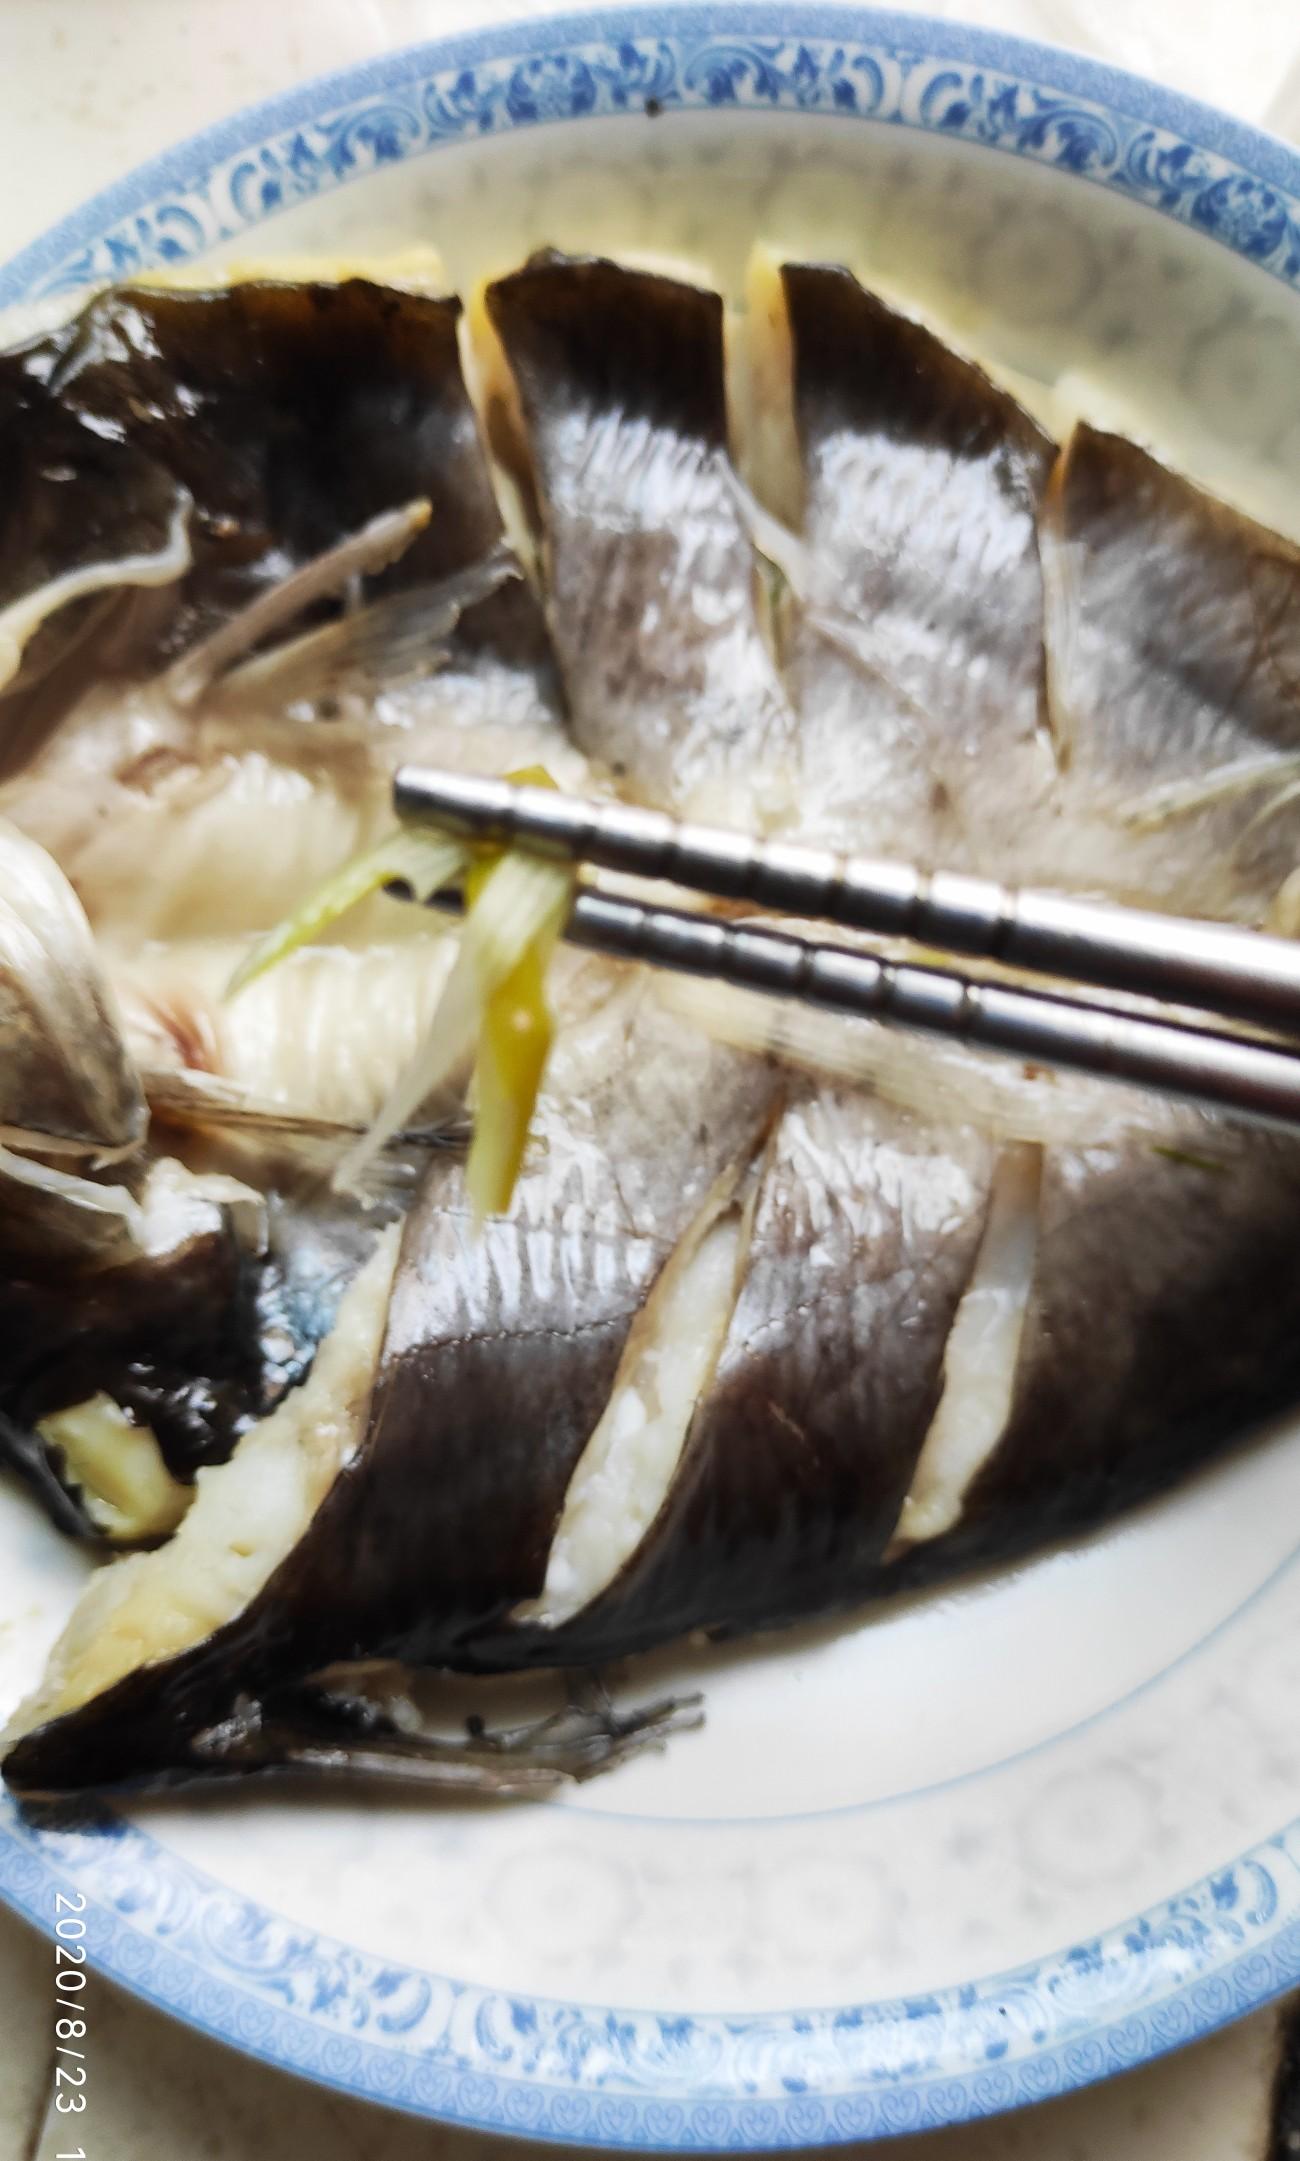 清蒸鮰鱼的步骤